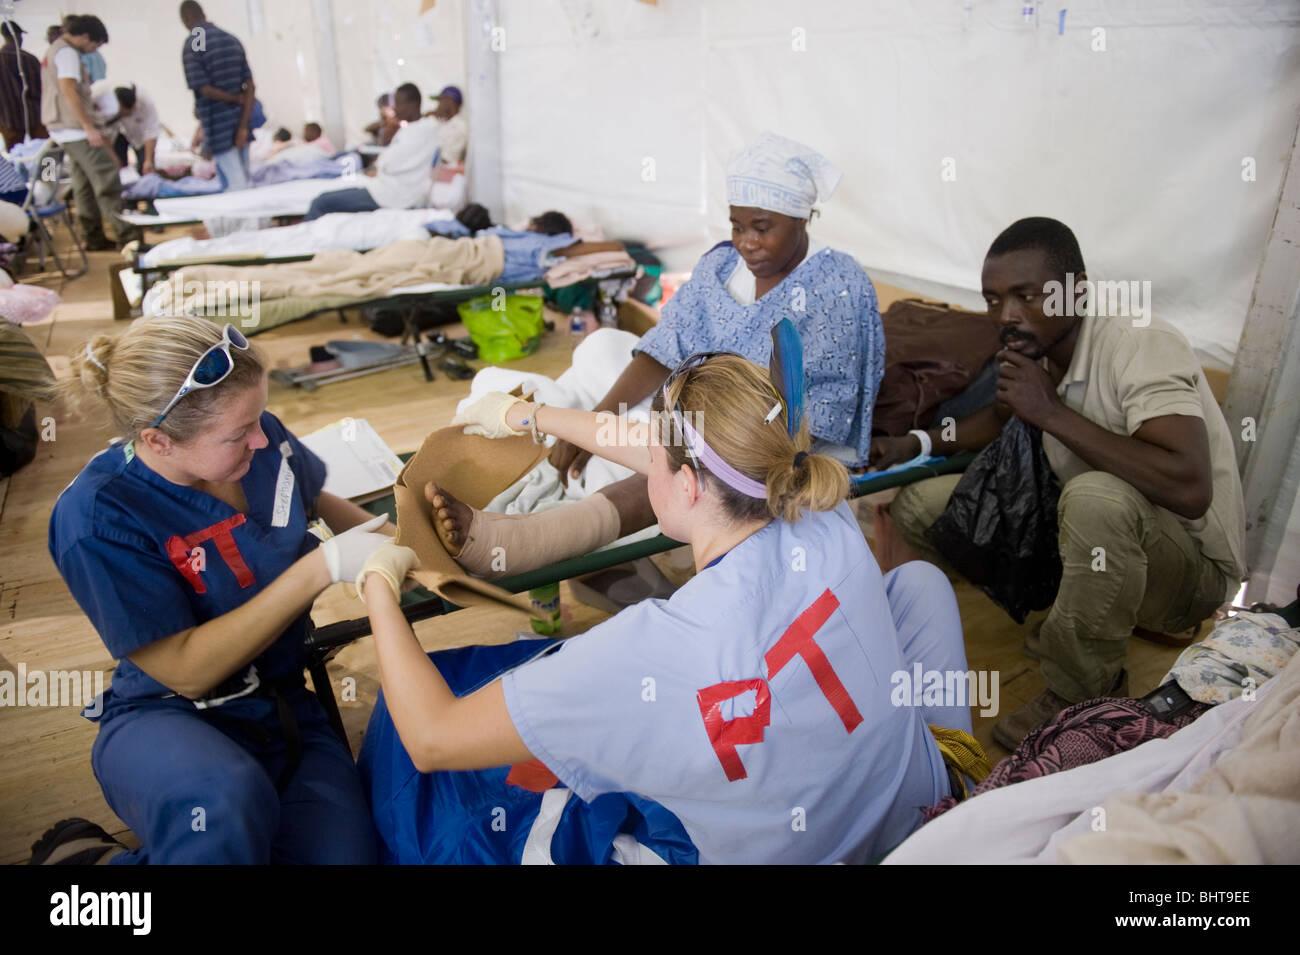 Les patients reçoivent des soins médicaux dans l'hôpital de campagne de l'Université Photo Stock